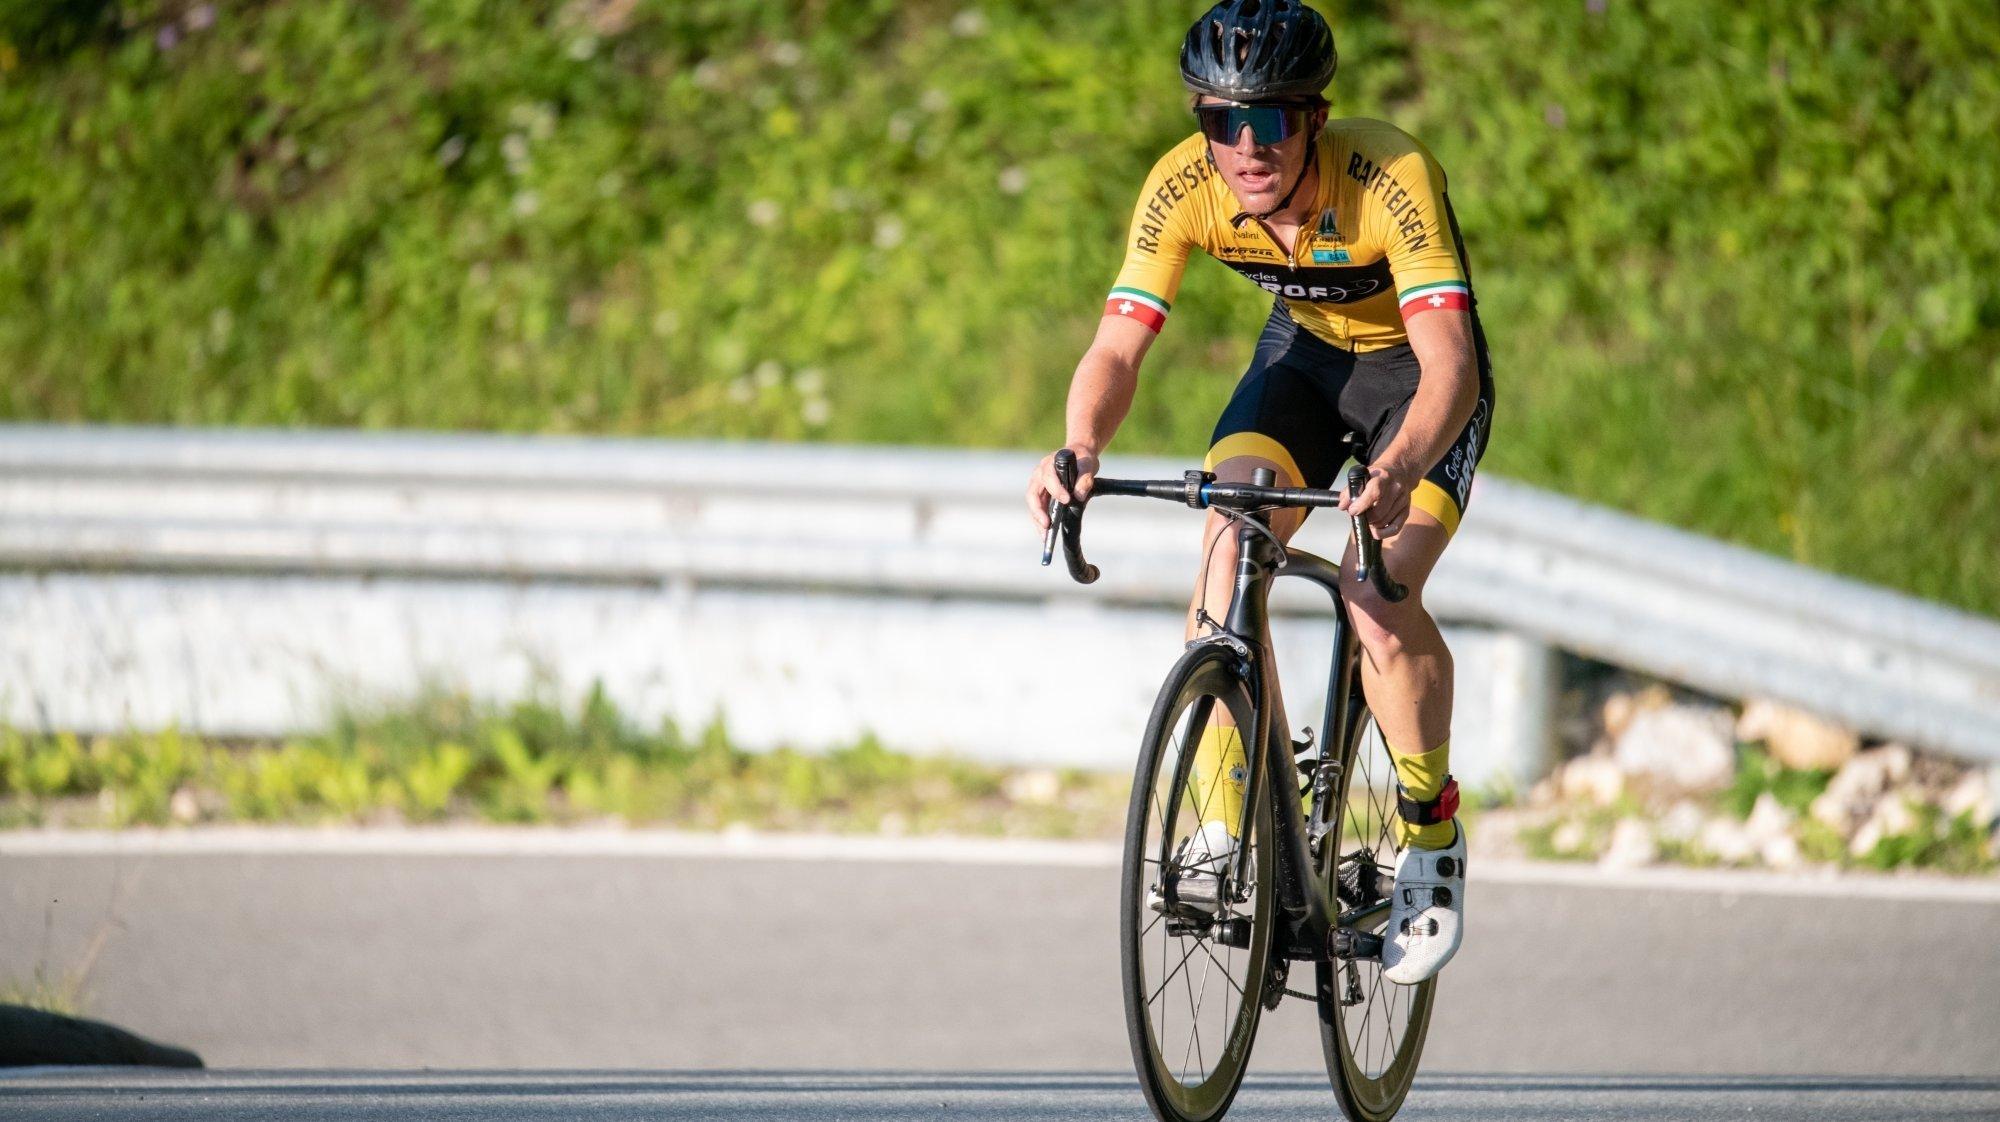 Victoires Neuchâteloises sur la dernière étape du Trophée du Doubs